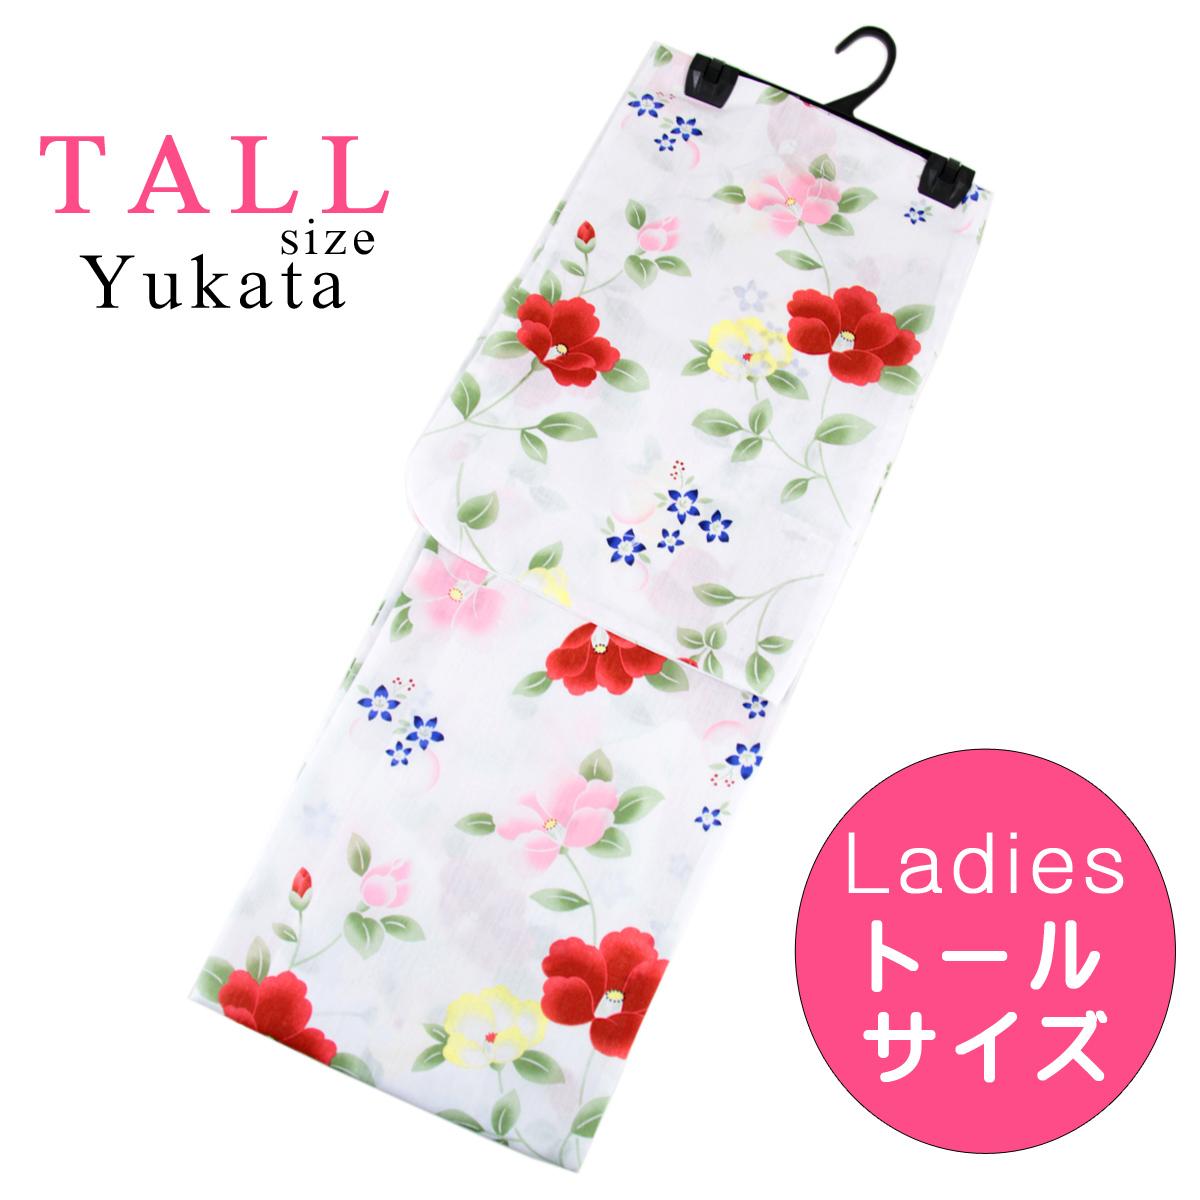 浴衣 レディース -44- トールサイズ 綿100% 白 つばき 花柄